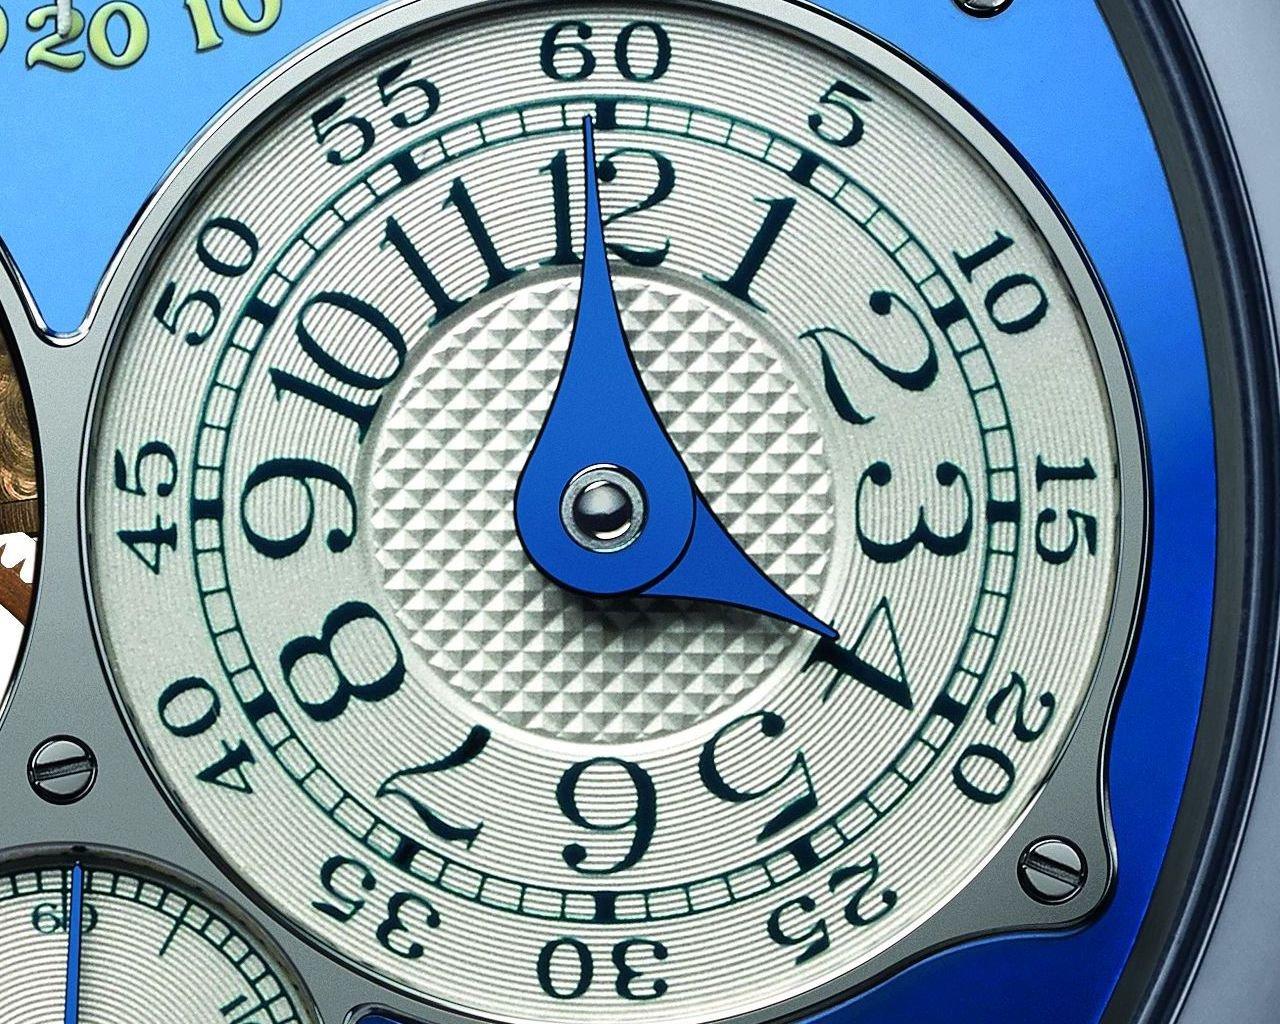 f-p-journe-tourbillon-souverain-bleu-only-watch-2015-0-100-6